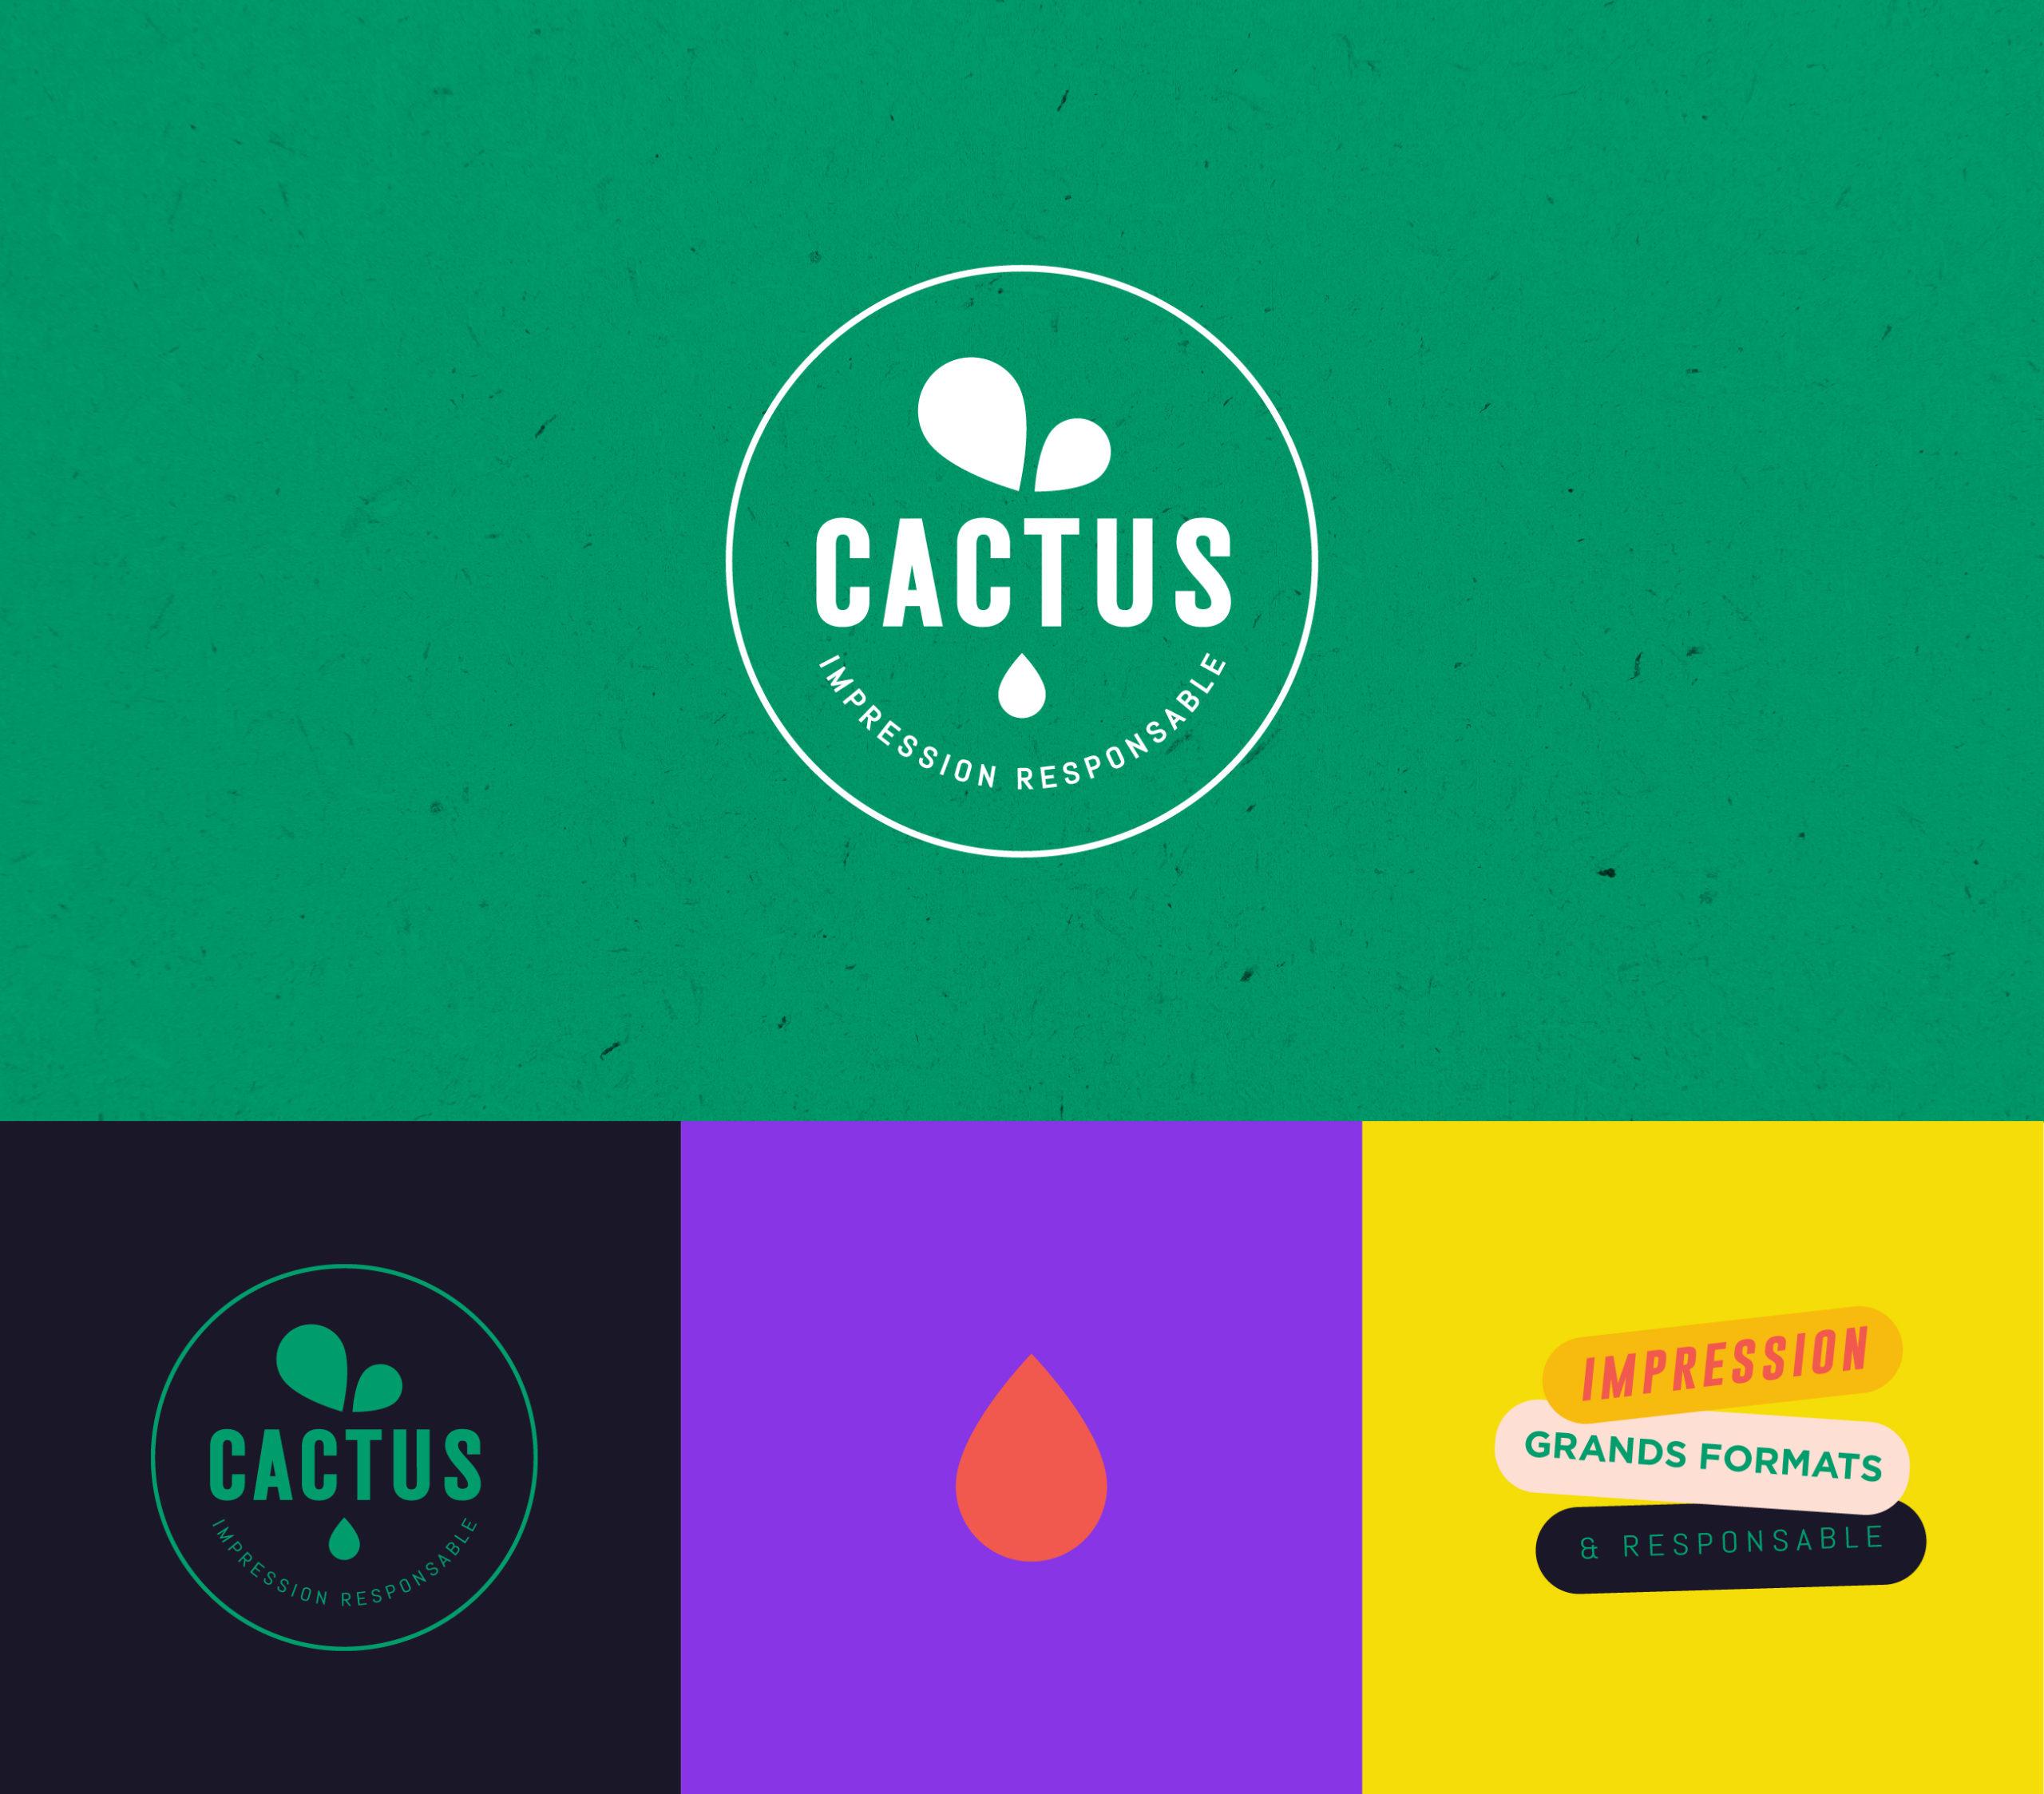 CACTUS-DAIAM-1